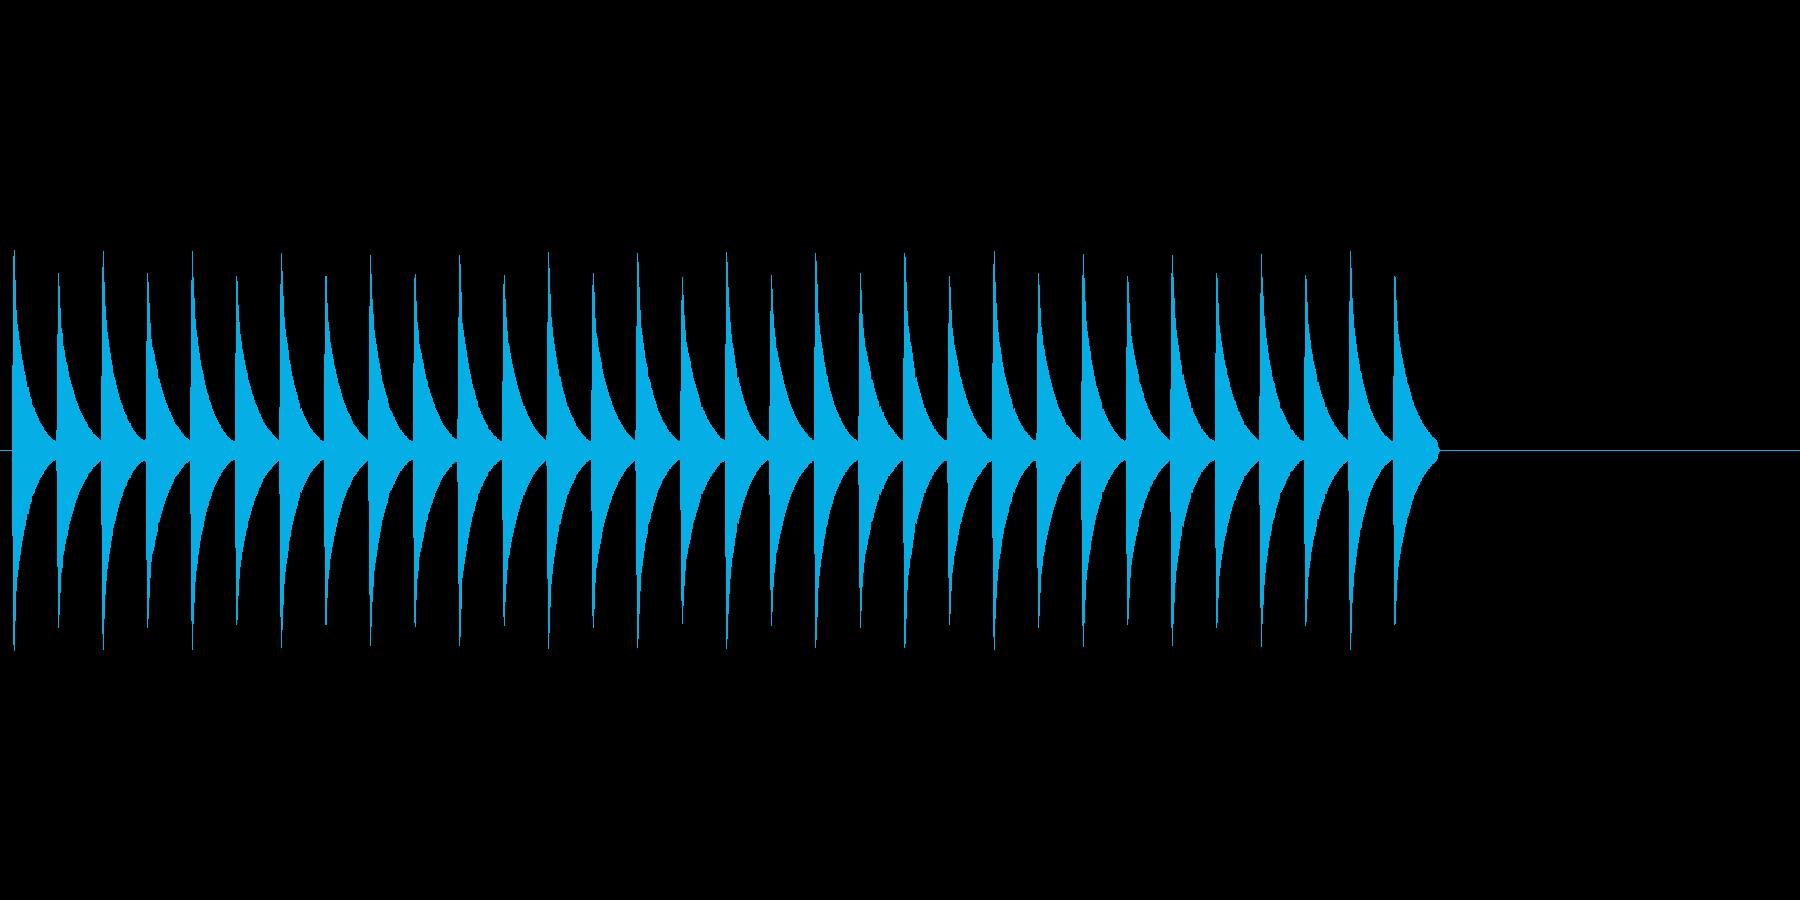 慌てたような効果音(コミカル、ギャグ)の再生済みの波形